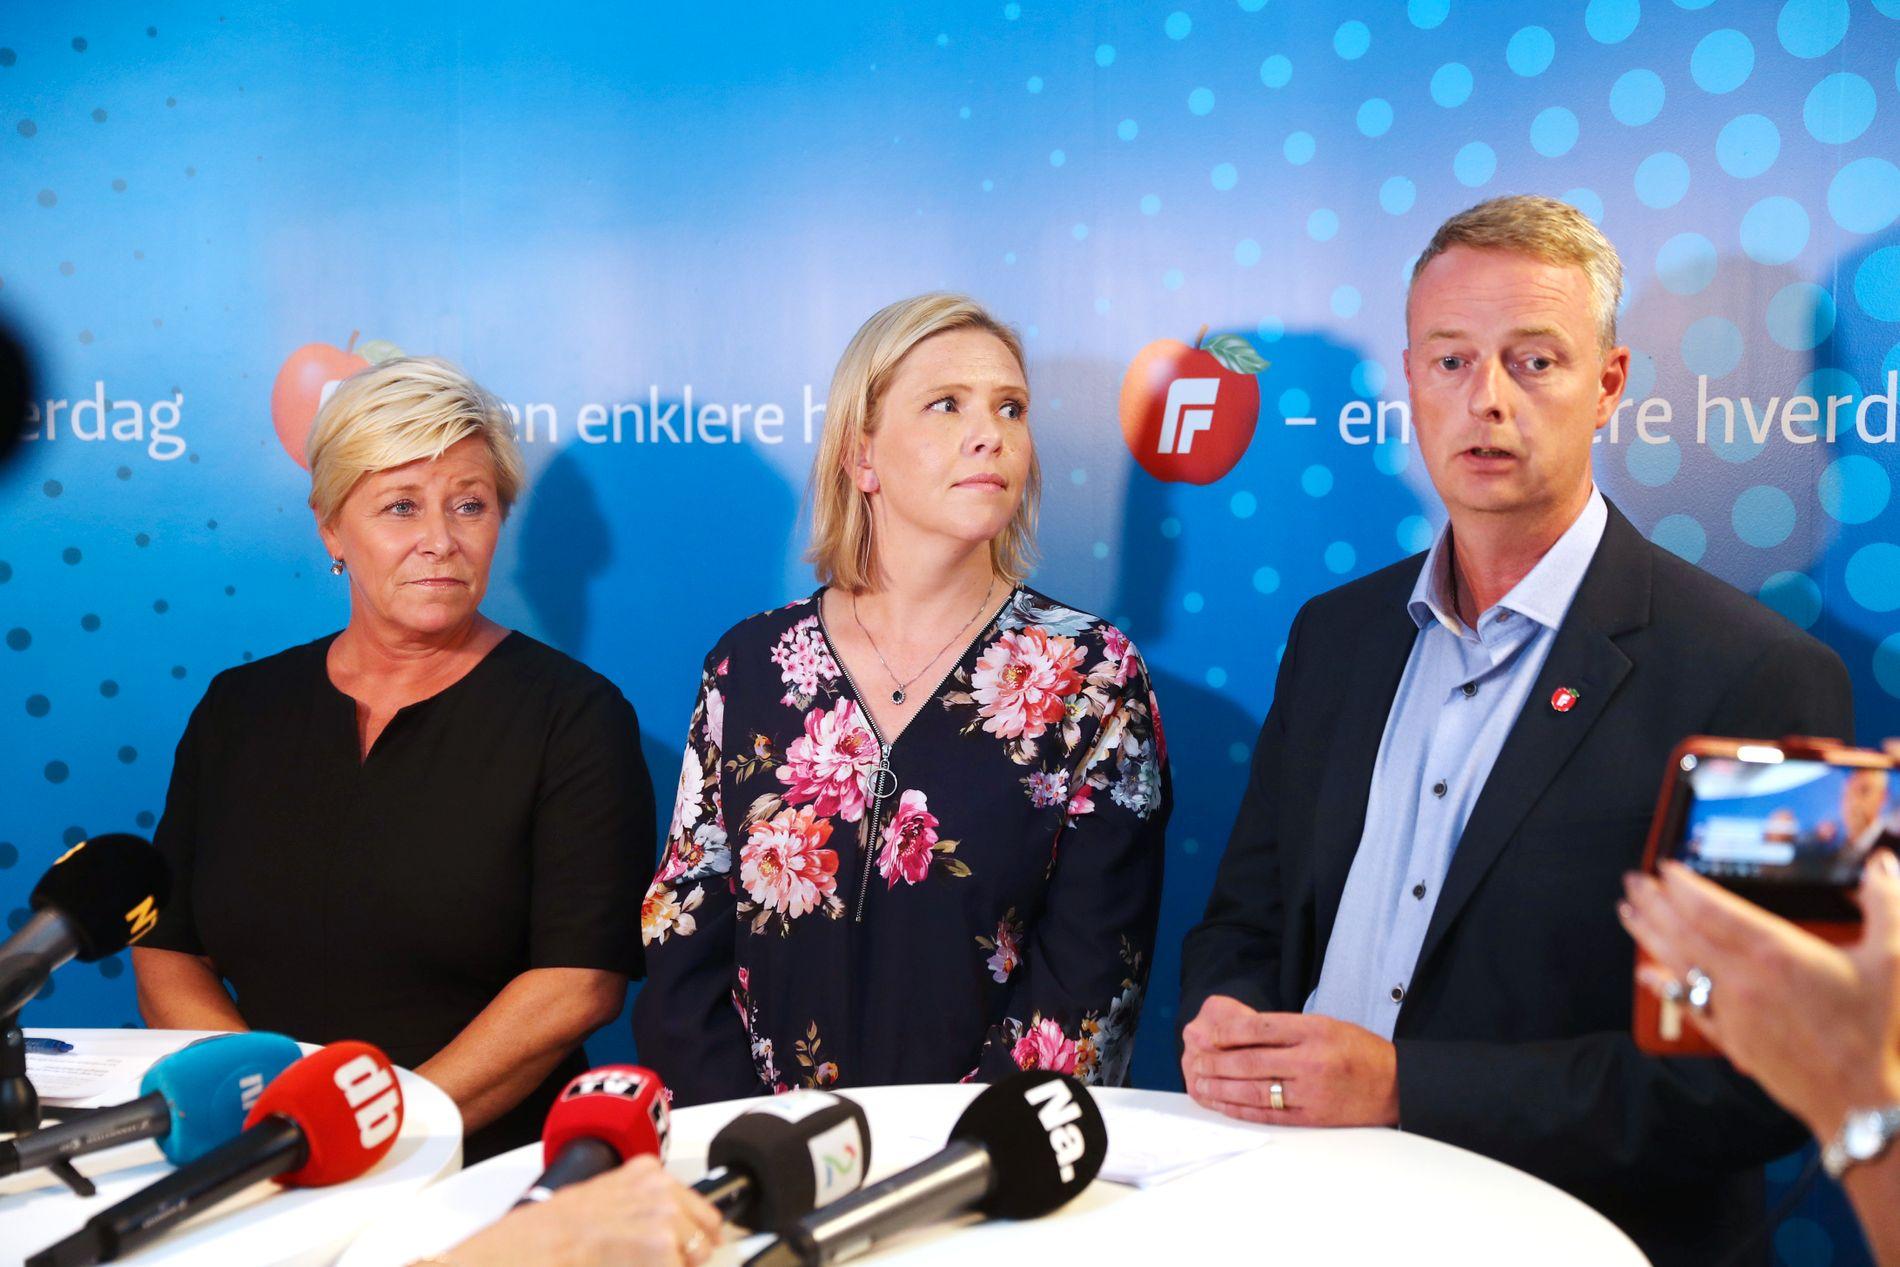 TØFFE TAK I REGJERINGEN: Frp-leder Siv Jensen og nestlederne Sylvi Listhaug og Terje Søviknes stilte til pressekonferanse søndag ettermiddag.